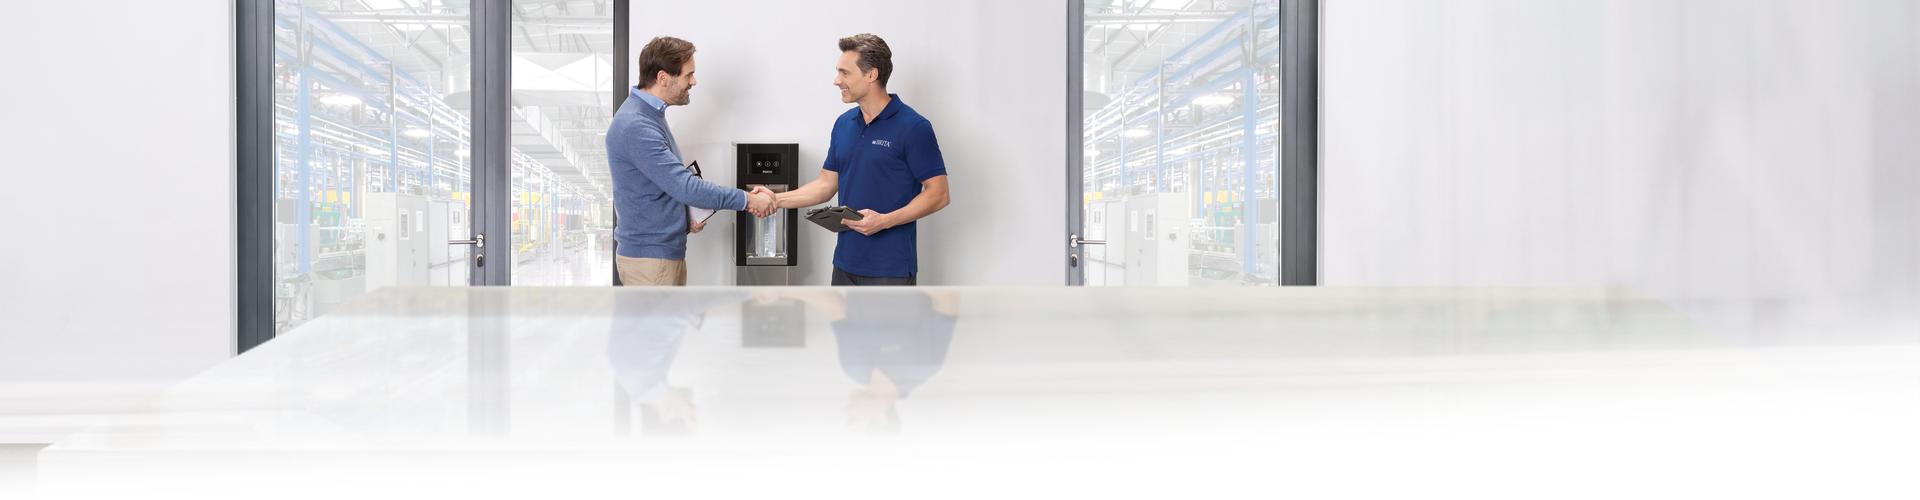 BRITA Wasserspender Service